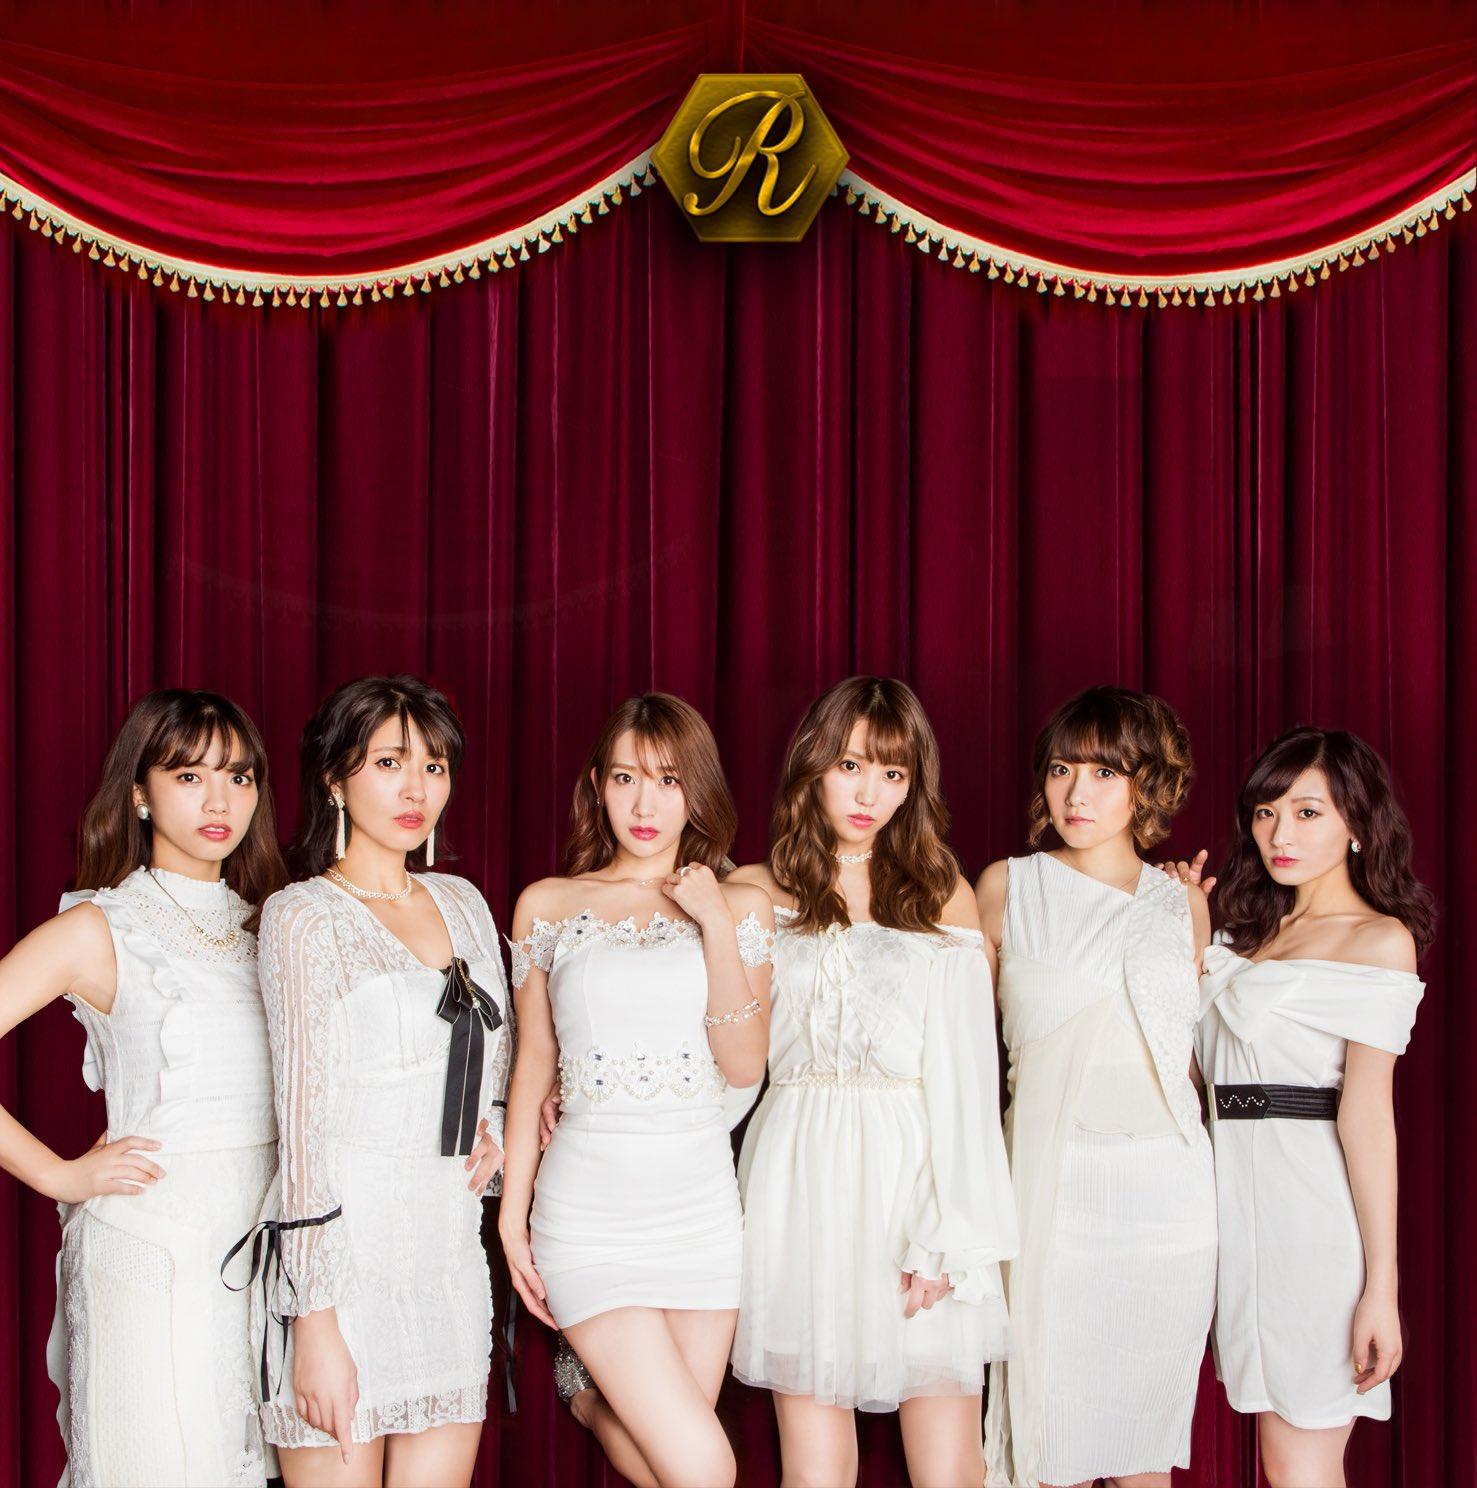 R (Group)